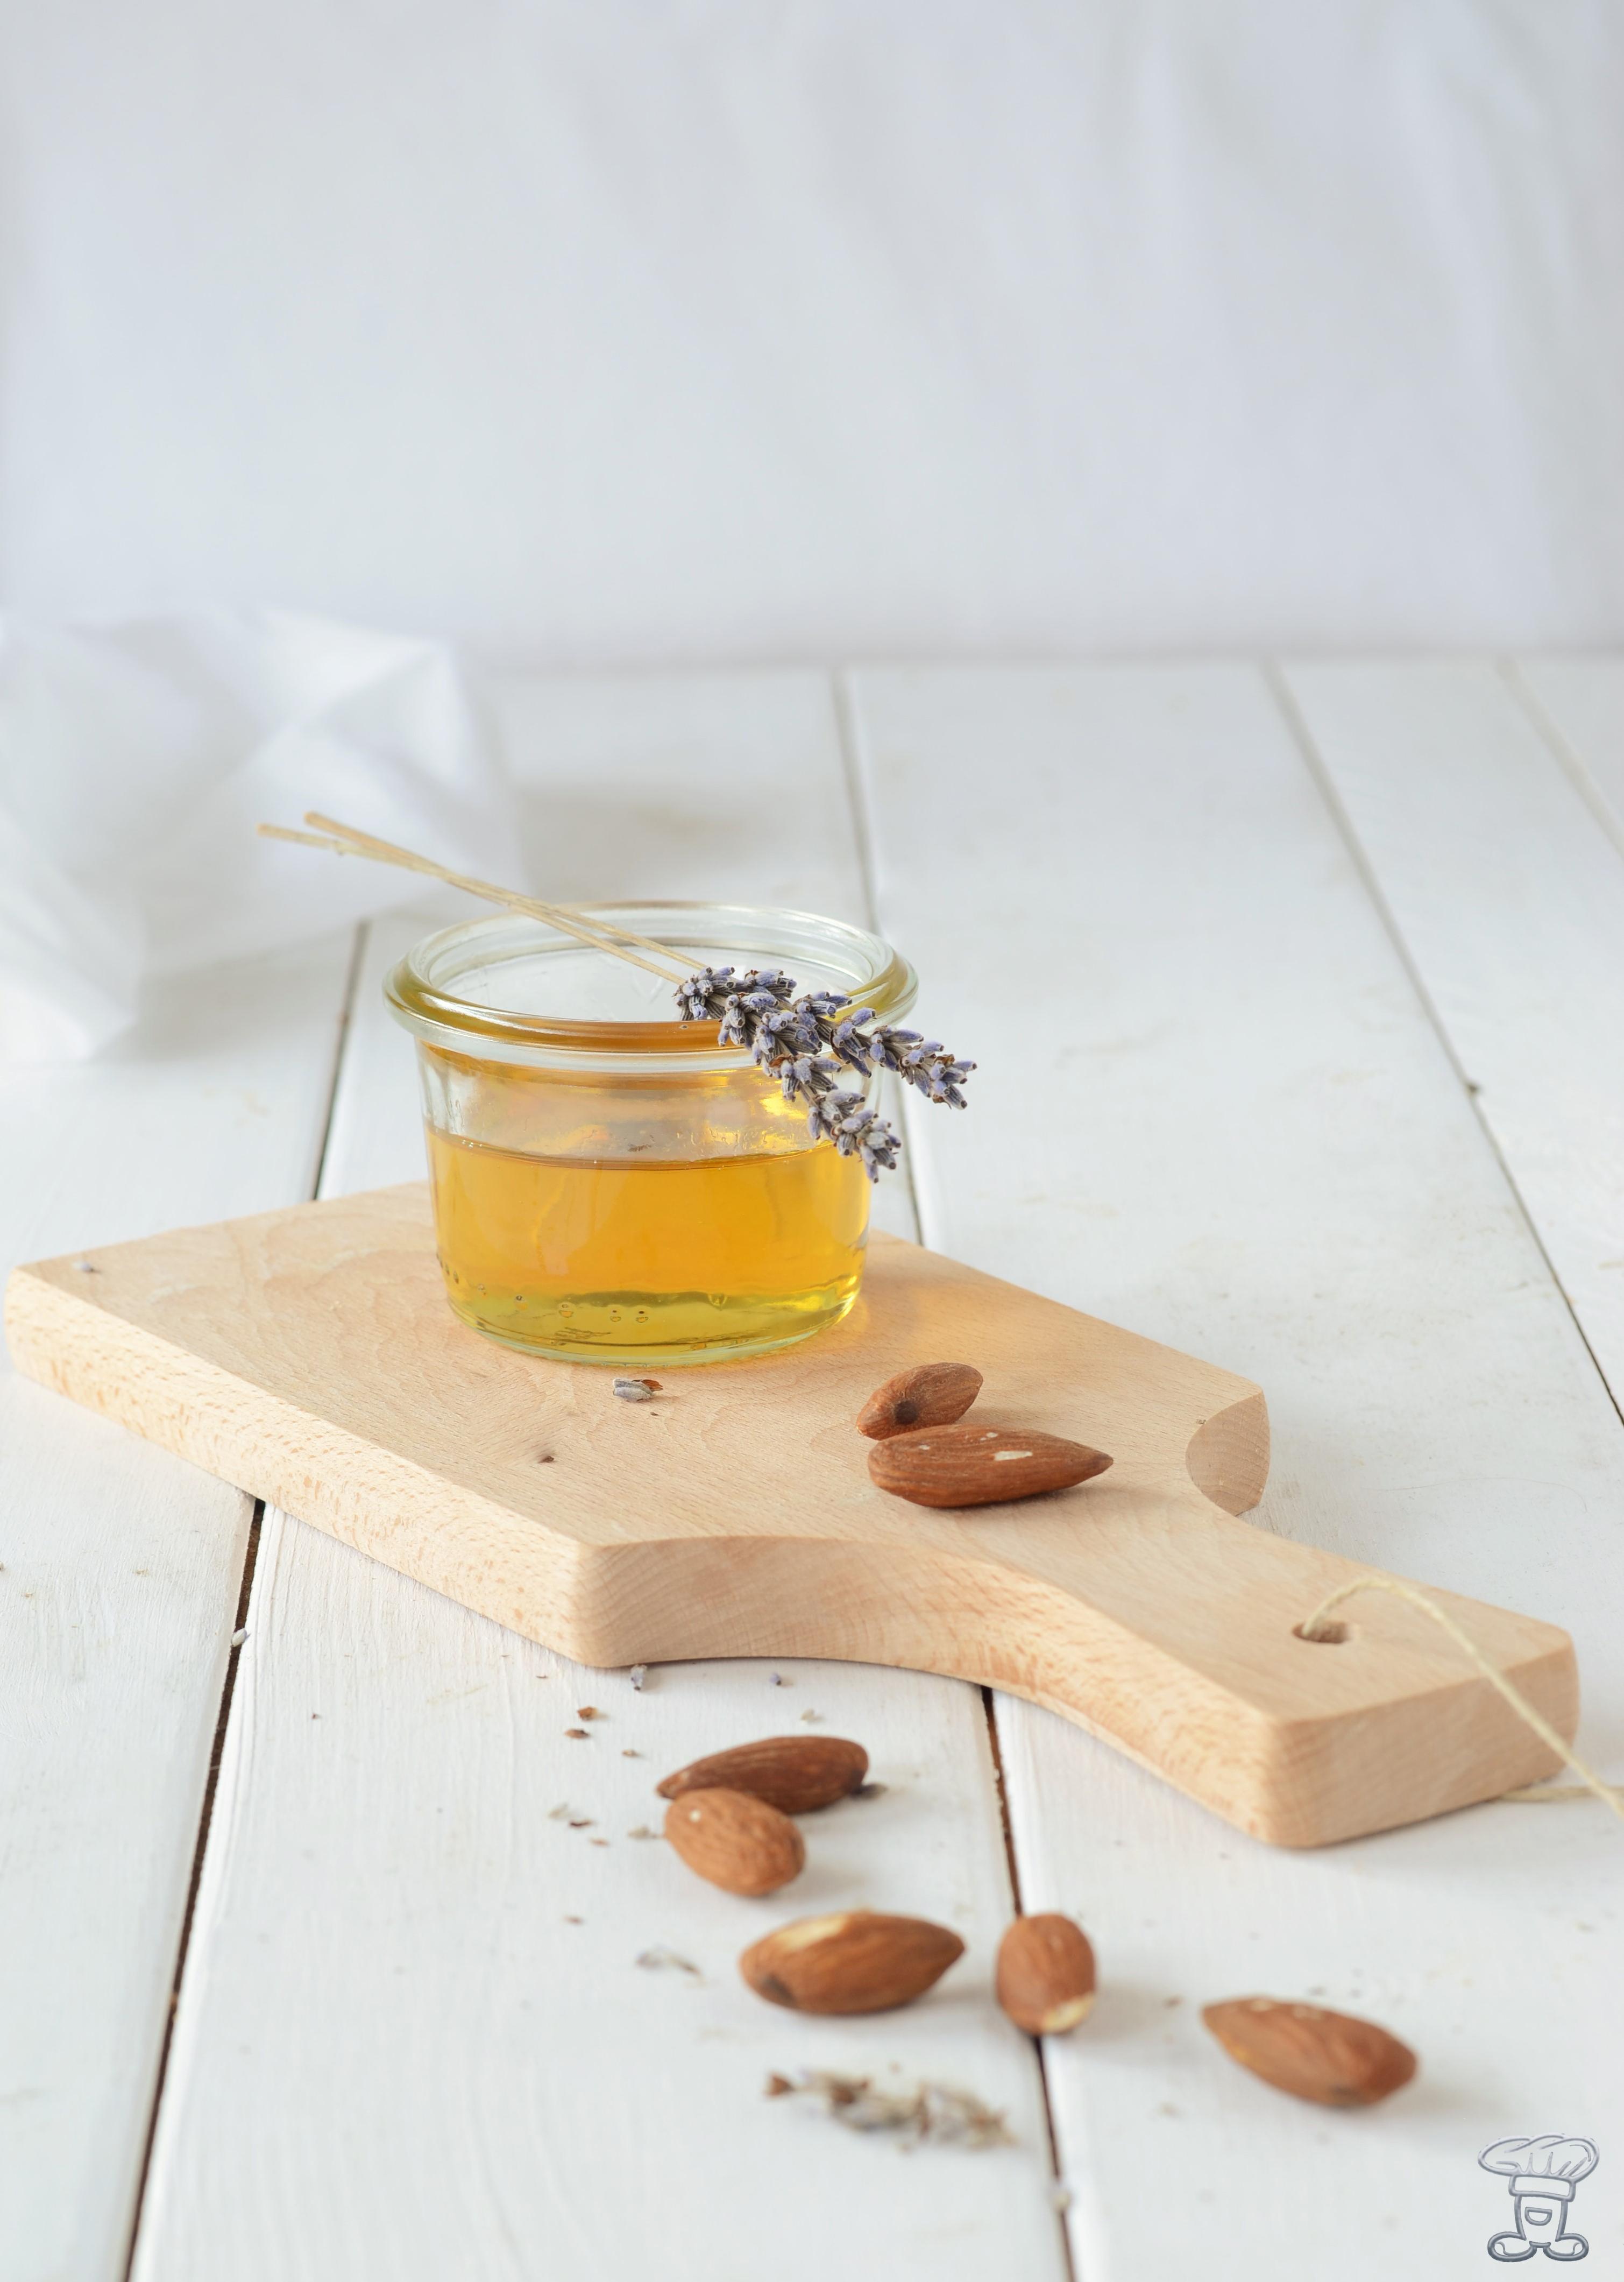 miele-1 La custode del miele delle api e la mia Torta al Miele di Lavanda, mandorle e pere